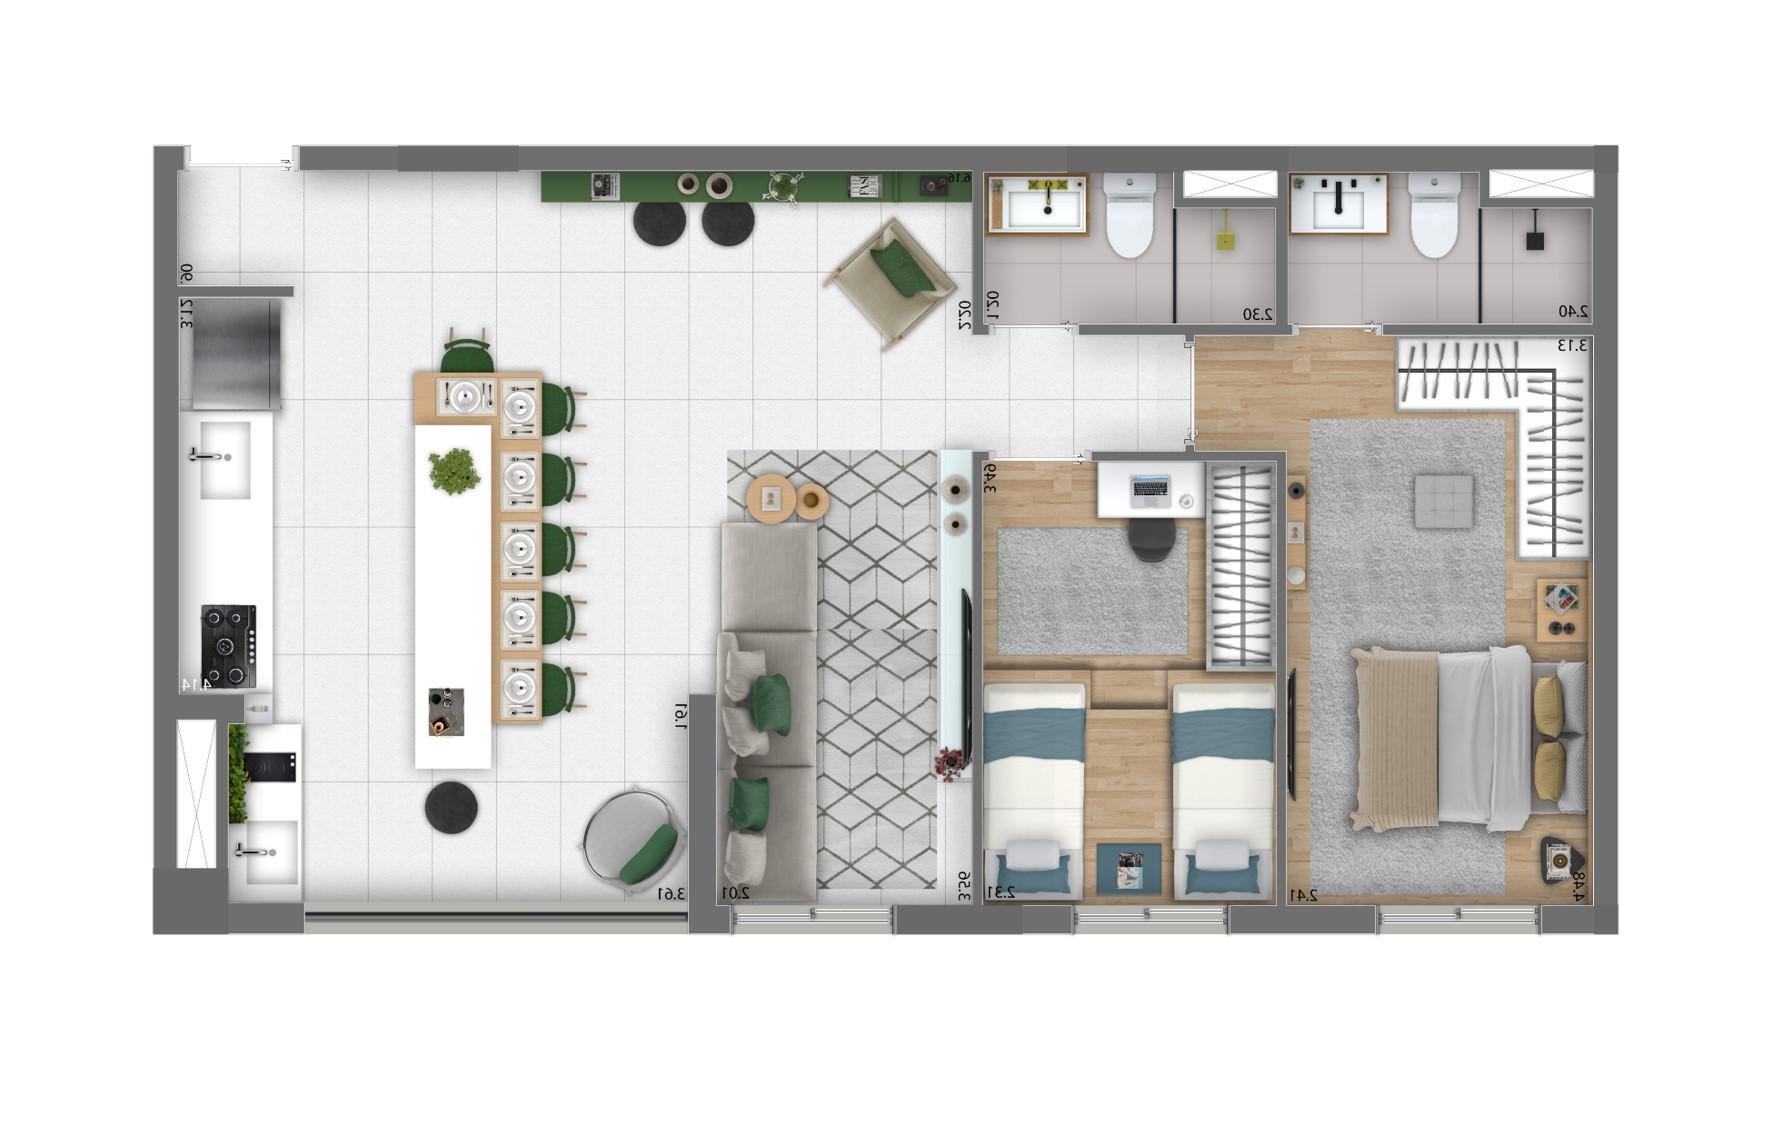 Planta 69m² - 2 Dorms. - Living Ampliado